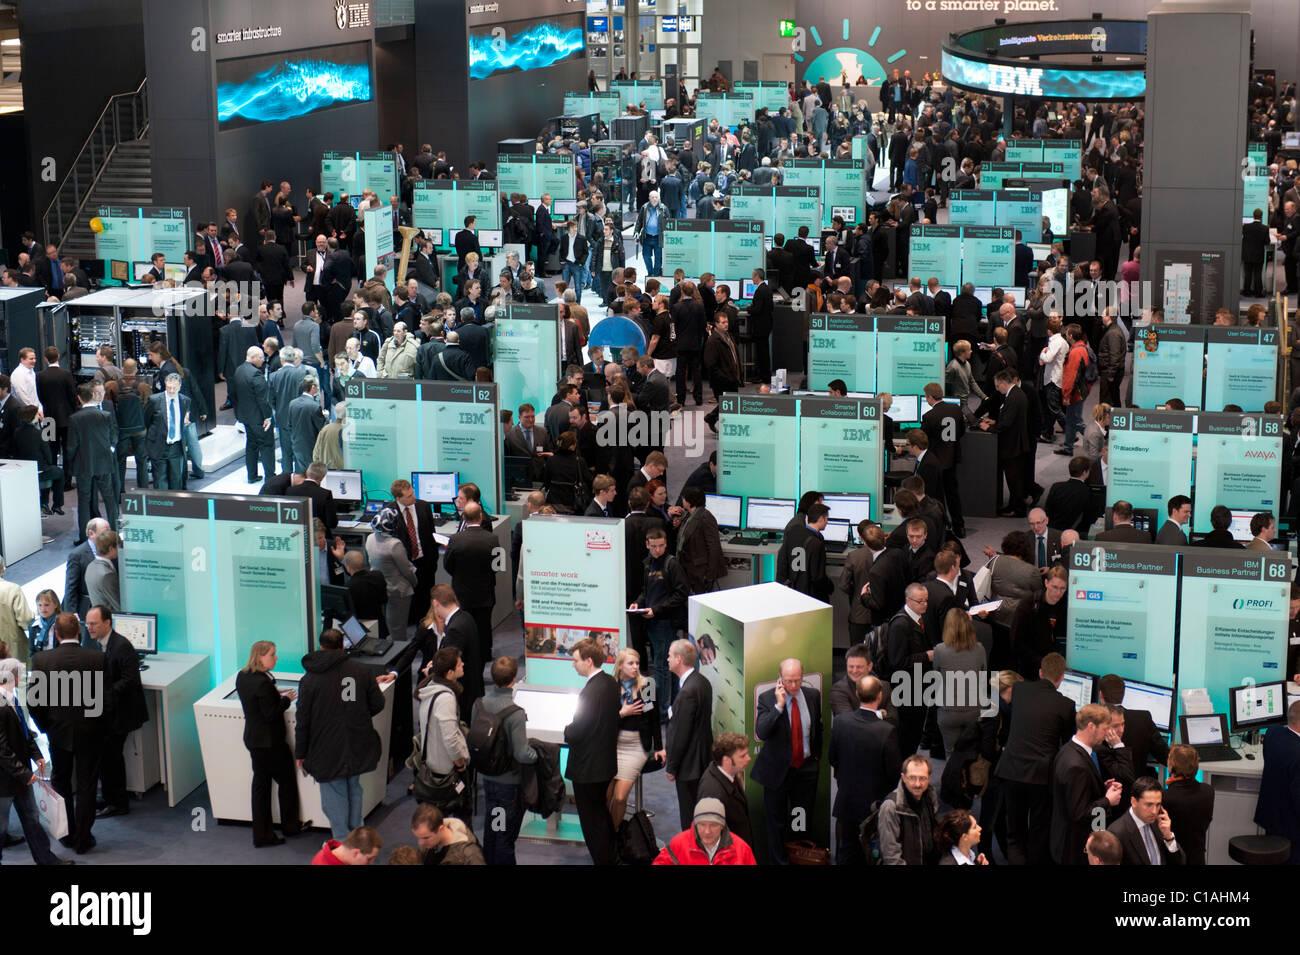 Área de exhibición de IBM en CeBIT 2011 feria de electrónica y digital de marzo de 2011 en Hannover, Imagen De Stock